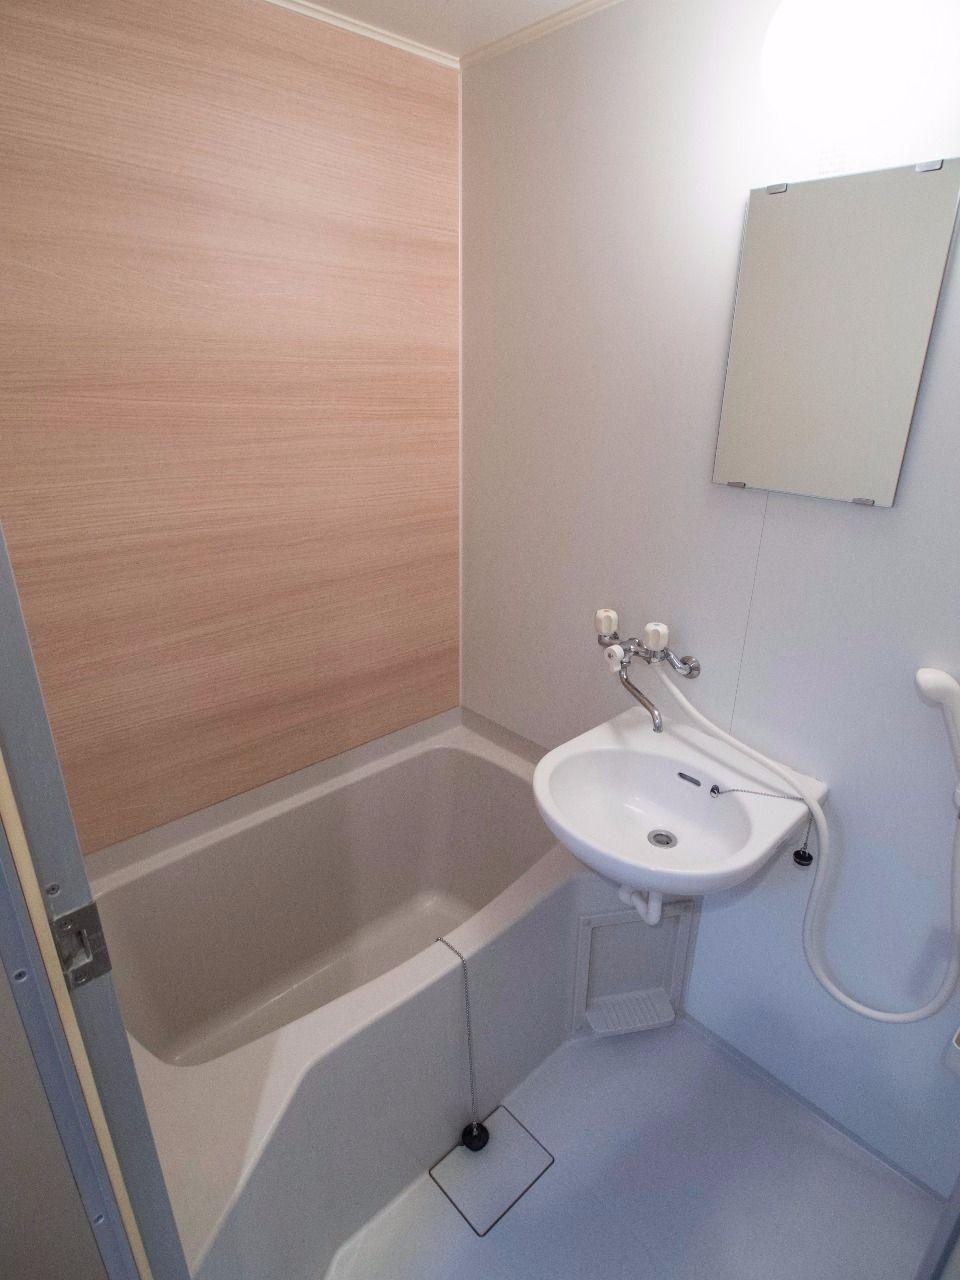 木目調の壁で落ち着く浴室